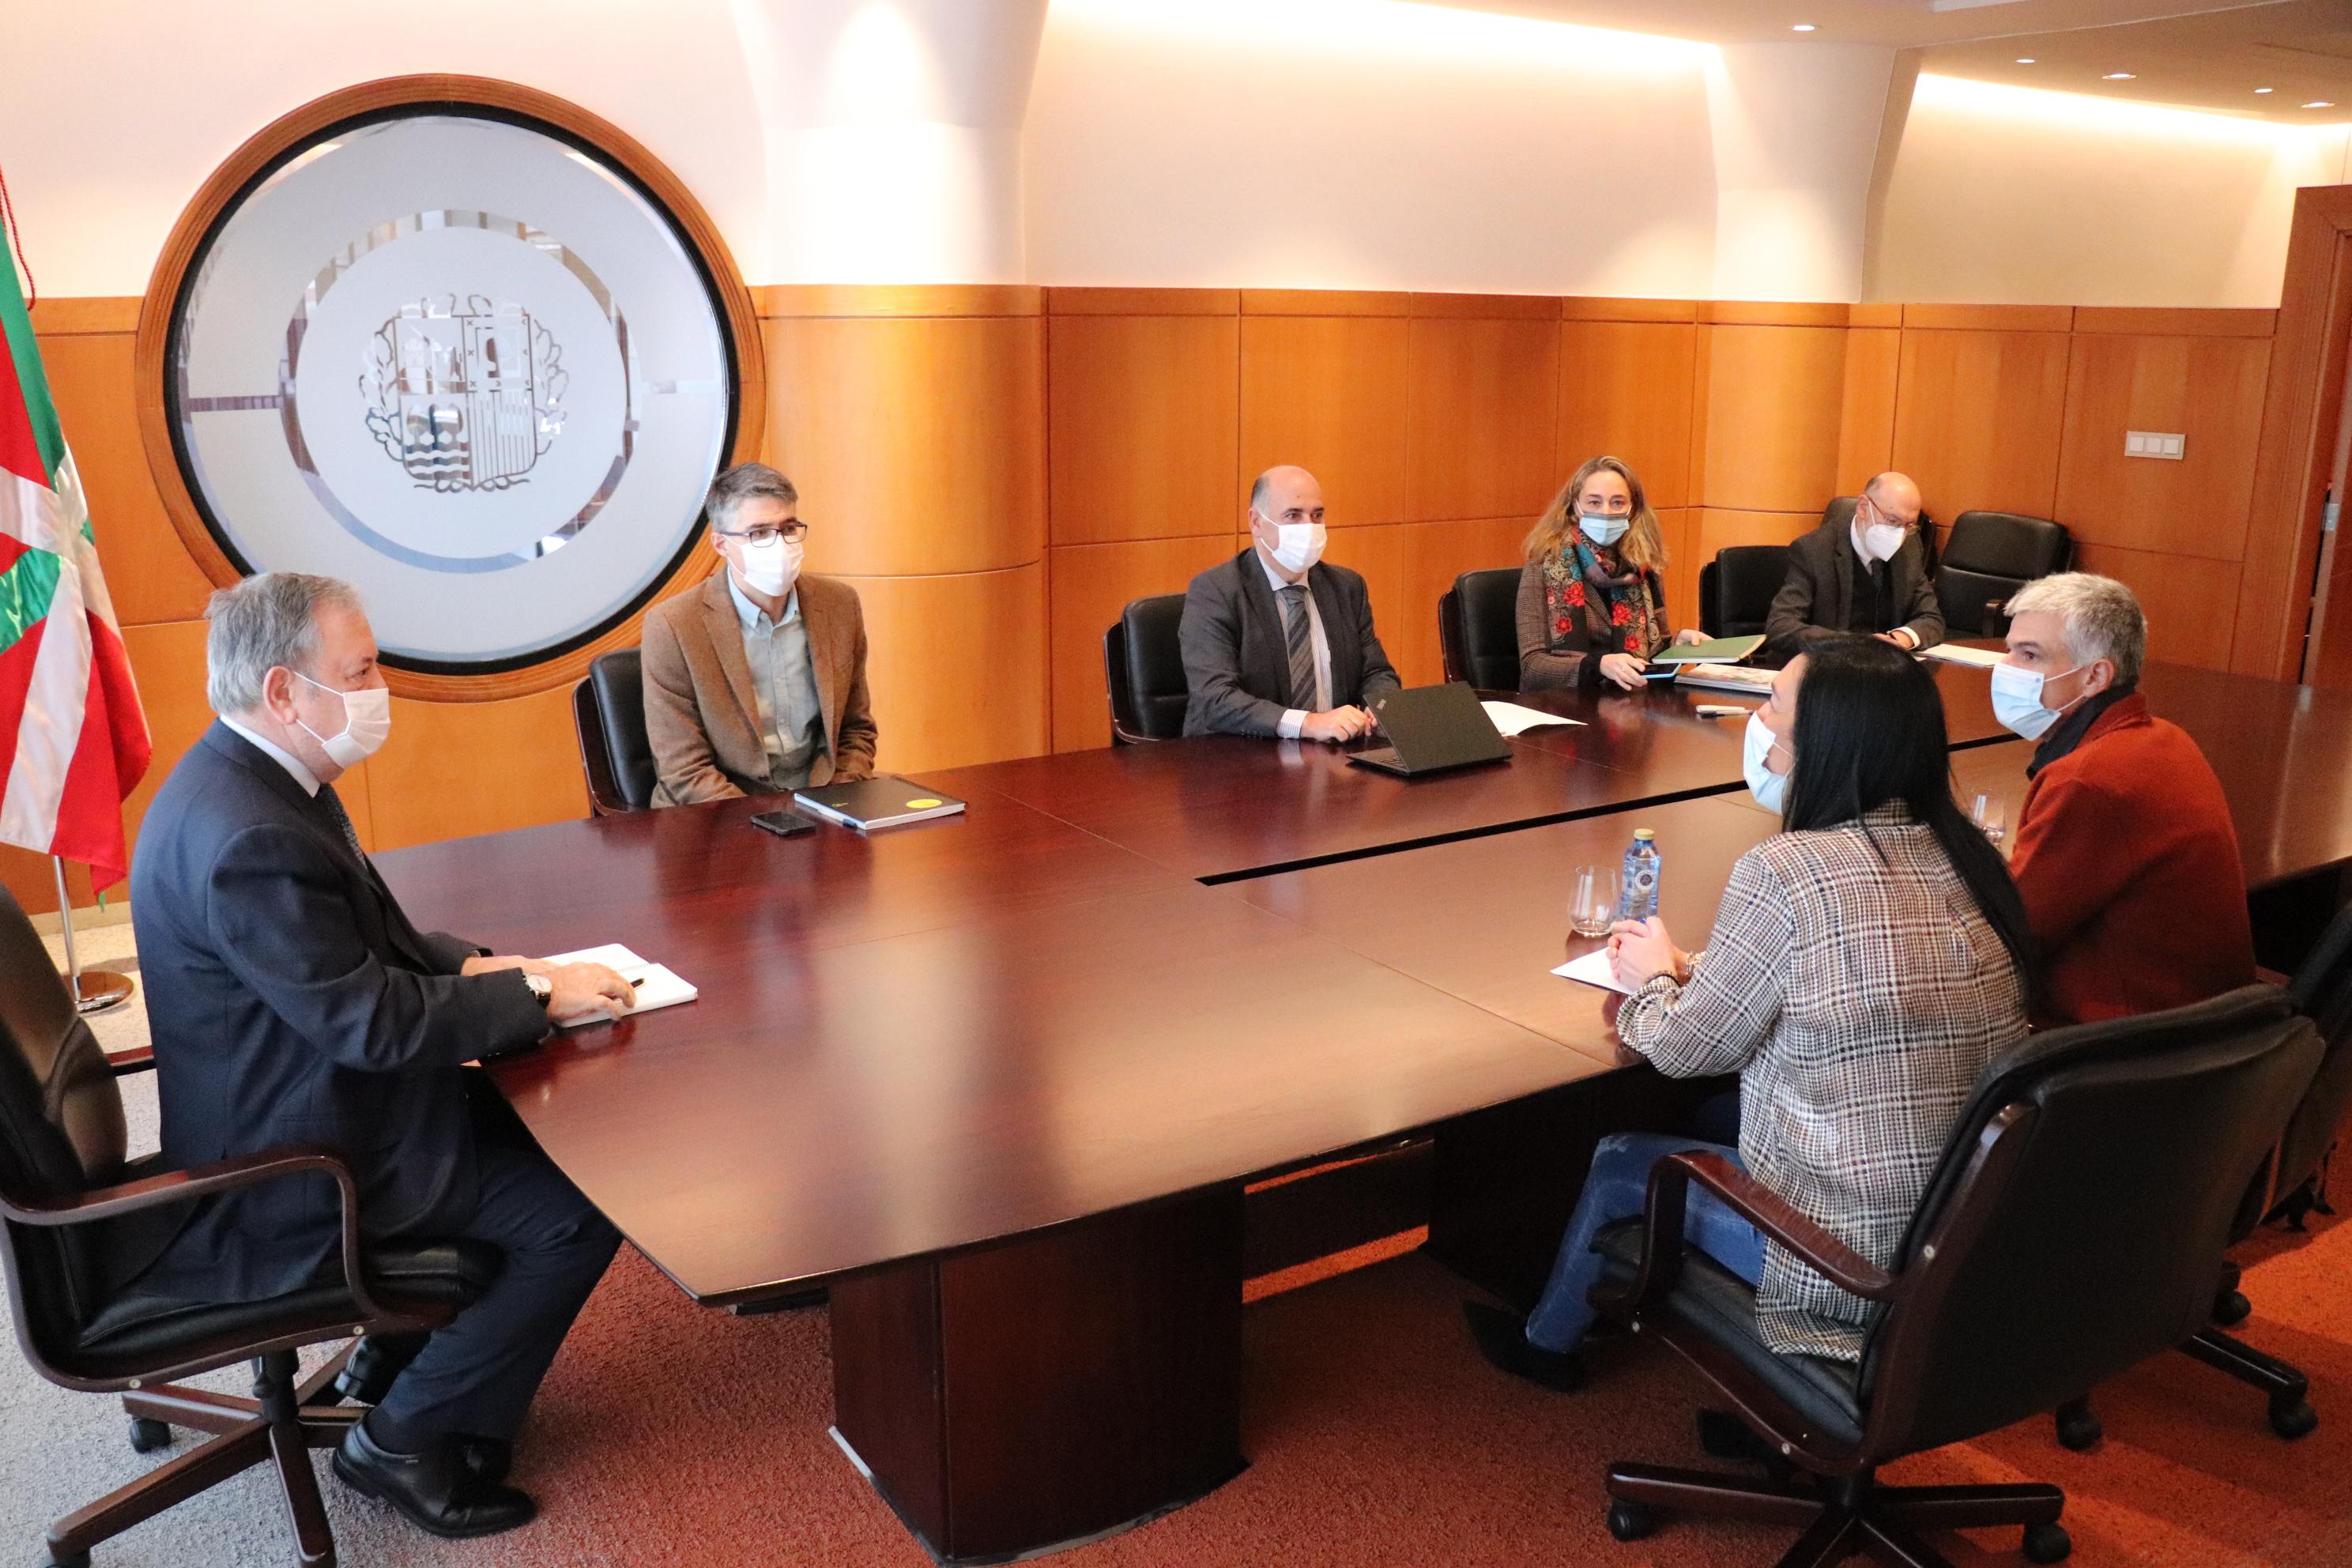 Reunión del Consejero de Economía y Hacienda, Pedro Azpiazu y su equipo con la parlamentaria vasca de VOX, Amaia Martinez, sobre el Presupuesto de la CAV de 2021 [2:40]